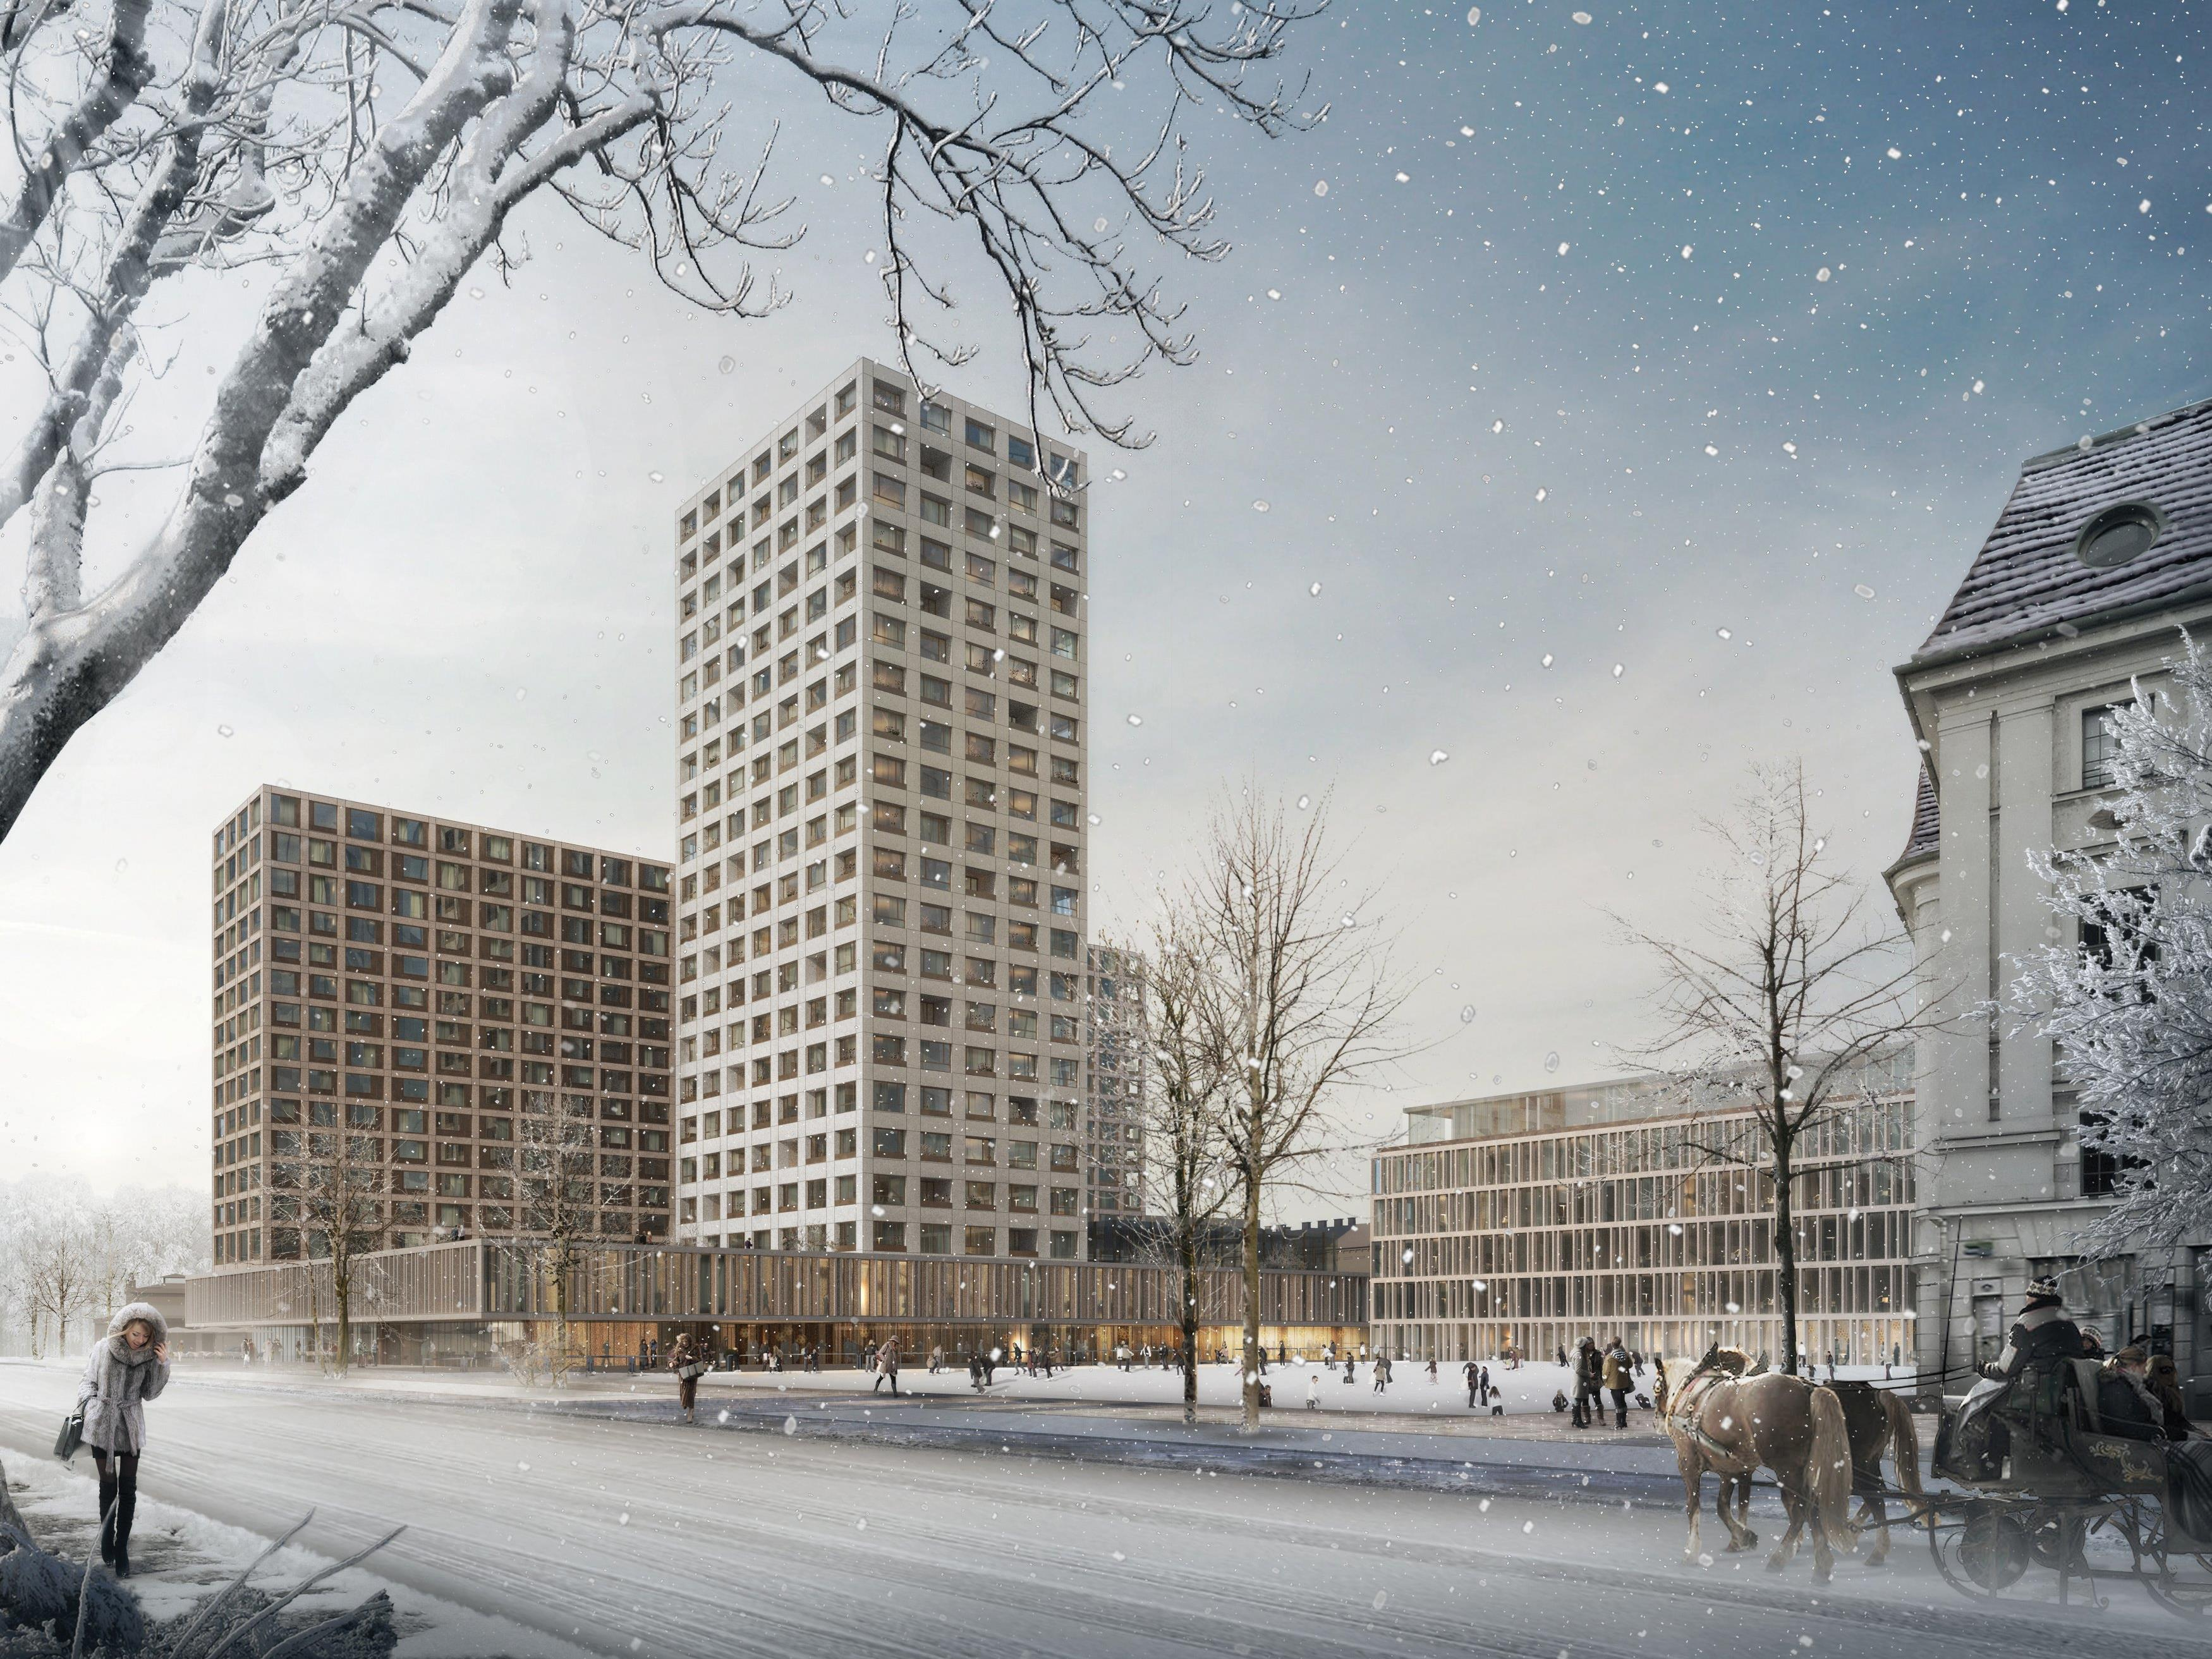 Die UNESCO hat Österreich nun aufgrund des Bauprojektes am Heumarkt verwarnt